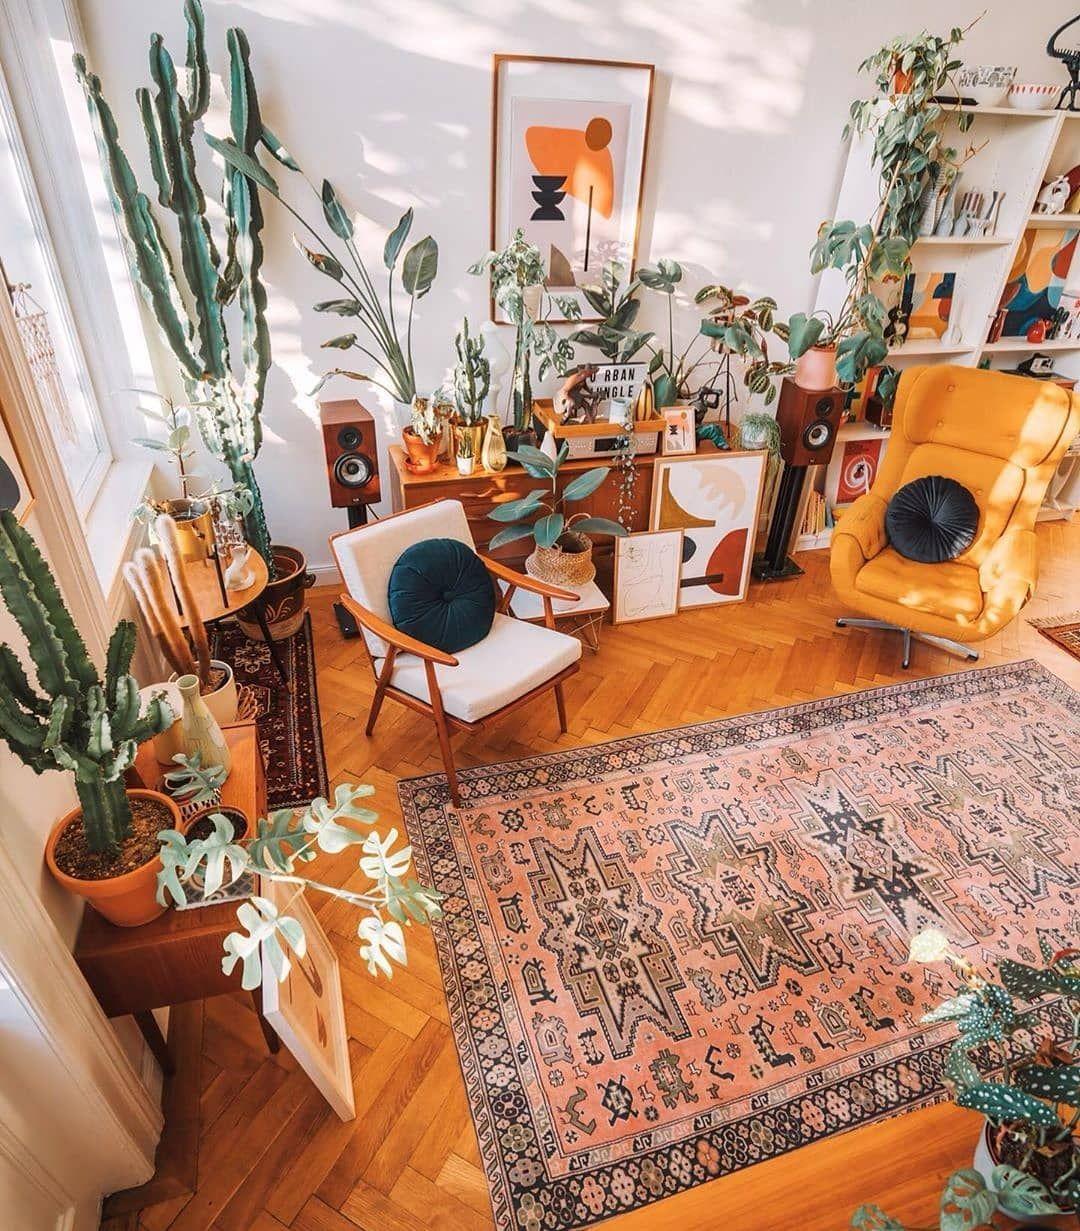 The Perfect Retro Vibe Retro Home Decor Stylish Home Decor Retro Home Living room decor vintage